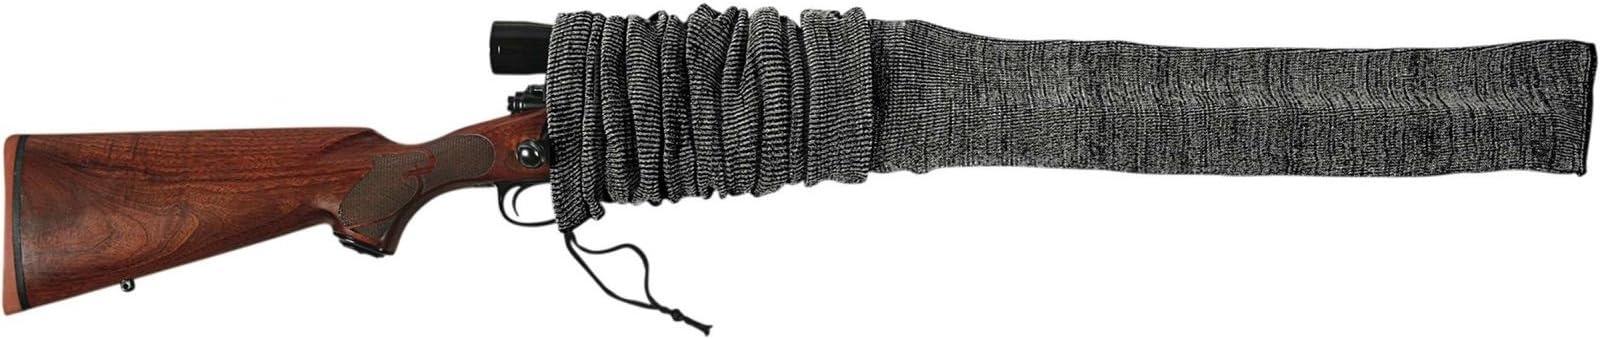 Allen Oversized Knit Gun Sock for Guns w// Scopes 13105 NEW